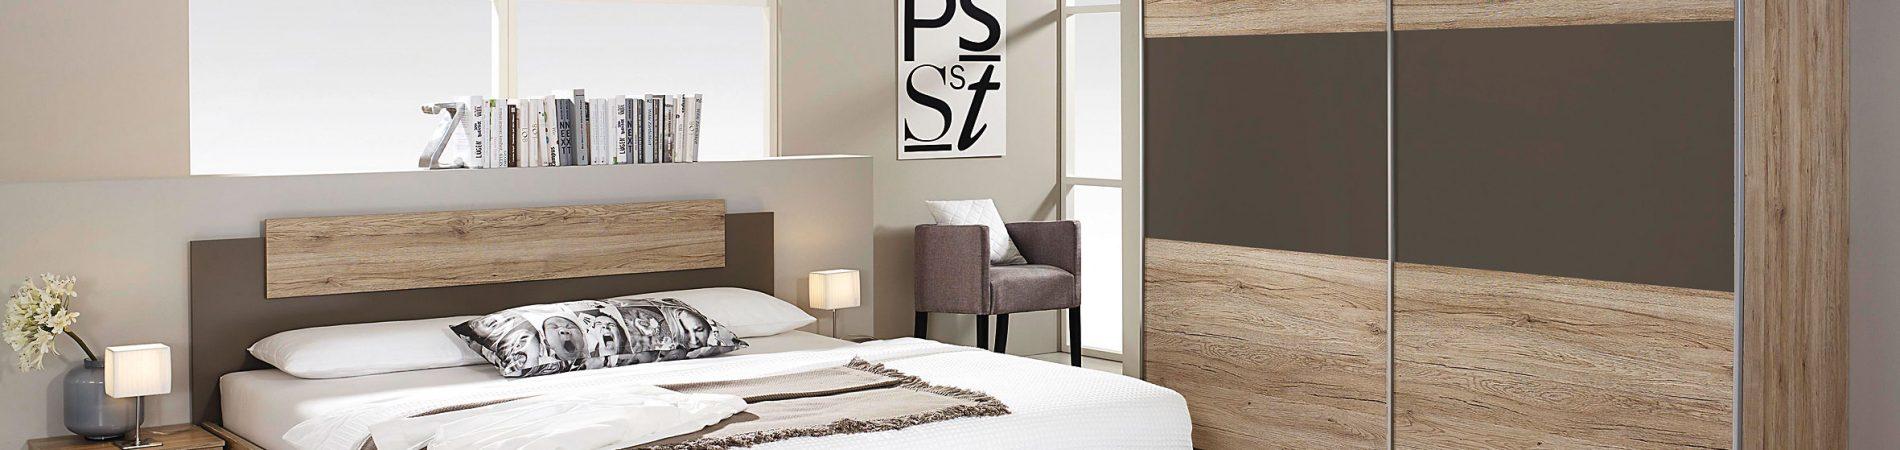 prima m bel bad lobenstein gute m bel g nstig kaufen. Black Bedroom Furniture Sets. Home Design Ideas